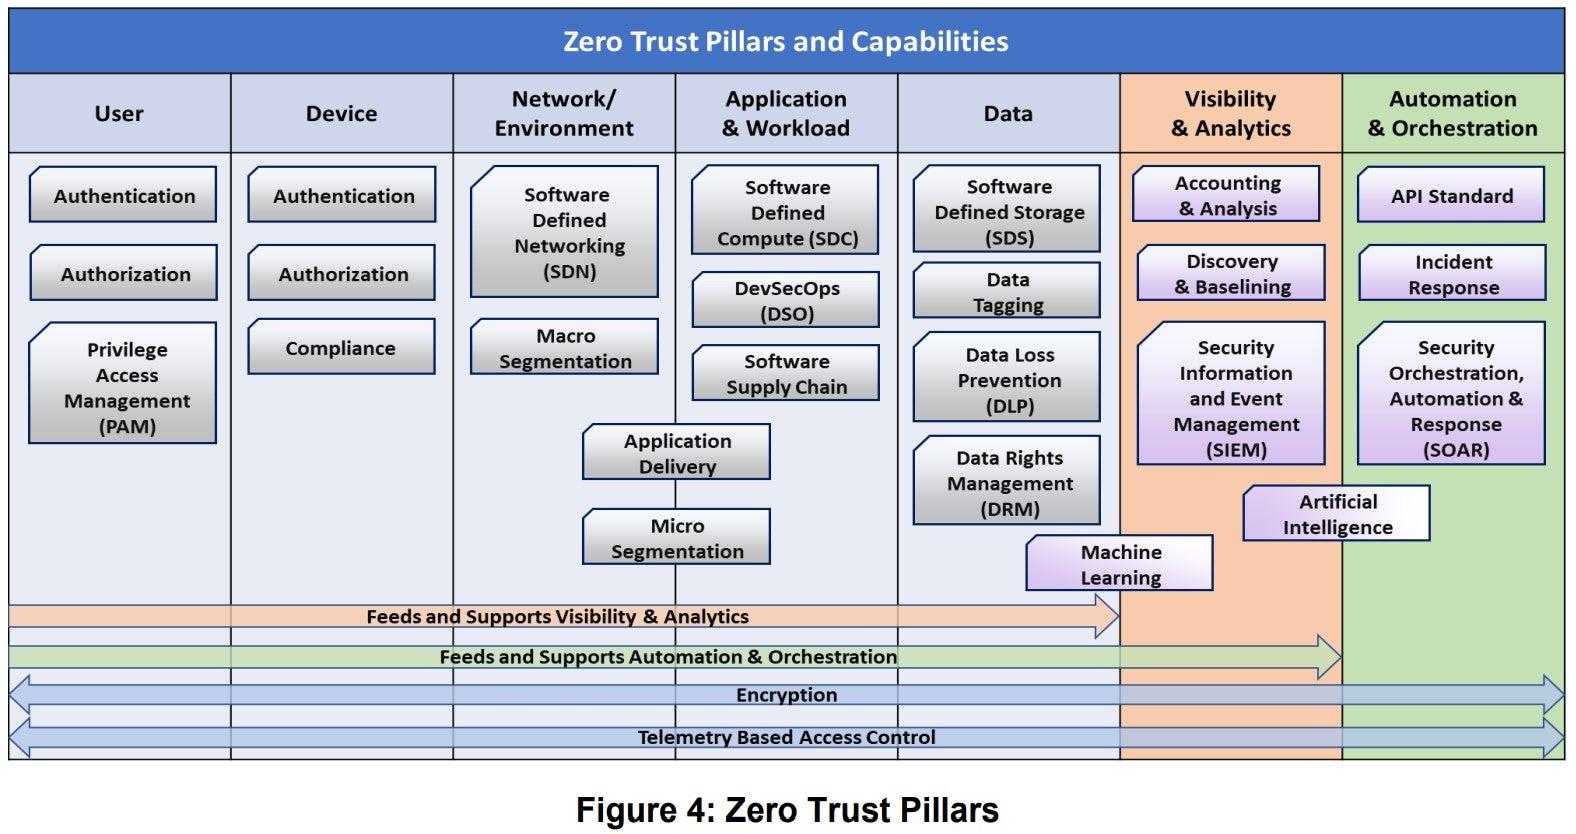 DoD Zero Trust Pillars